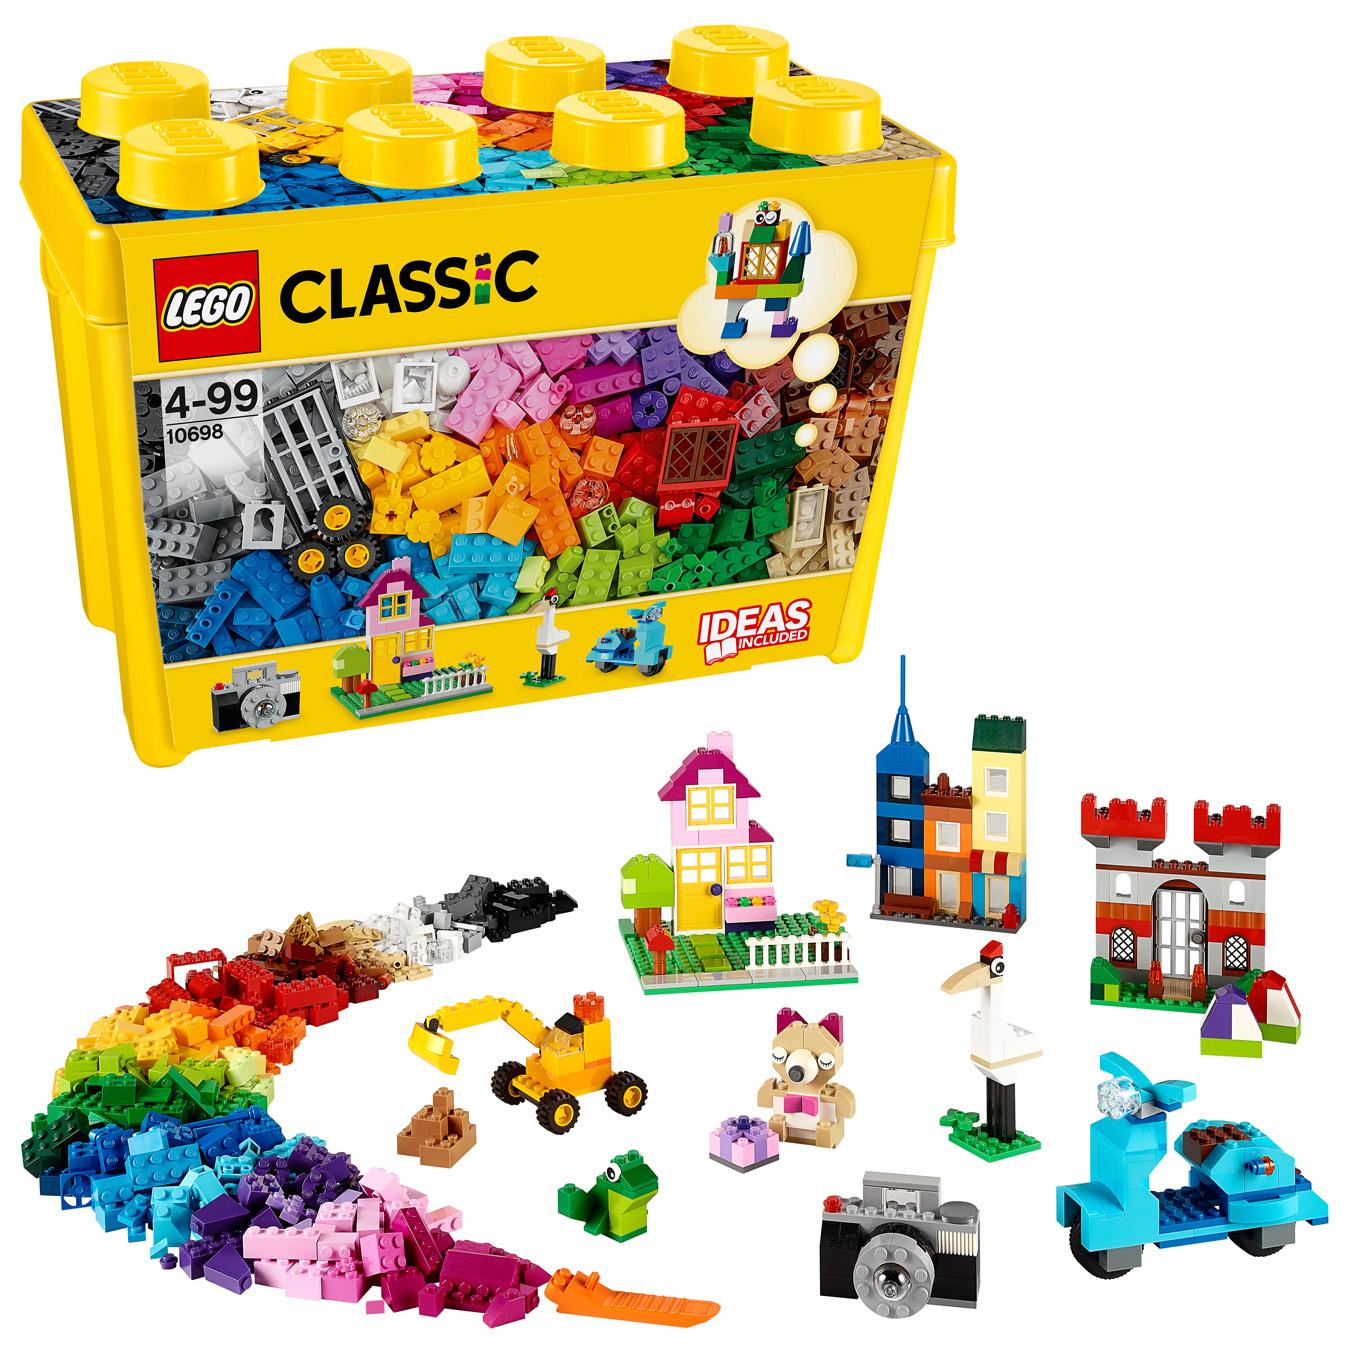 Boîte de briques créatives deluxe - LEGO Classic - 10698